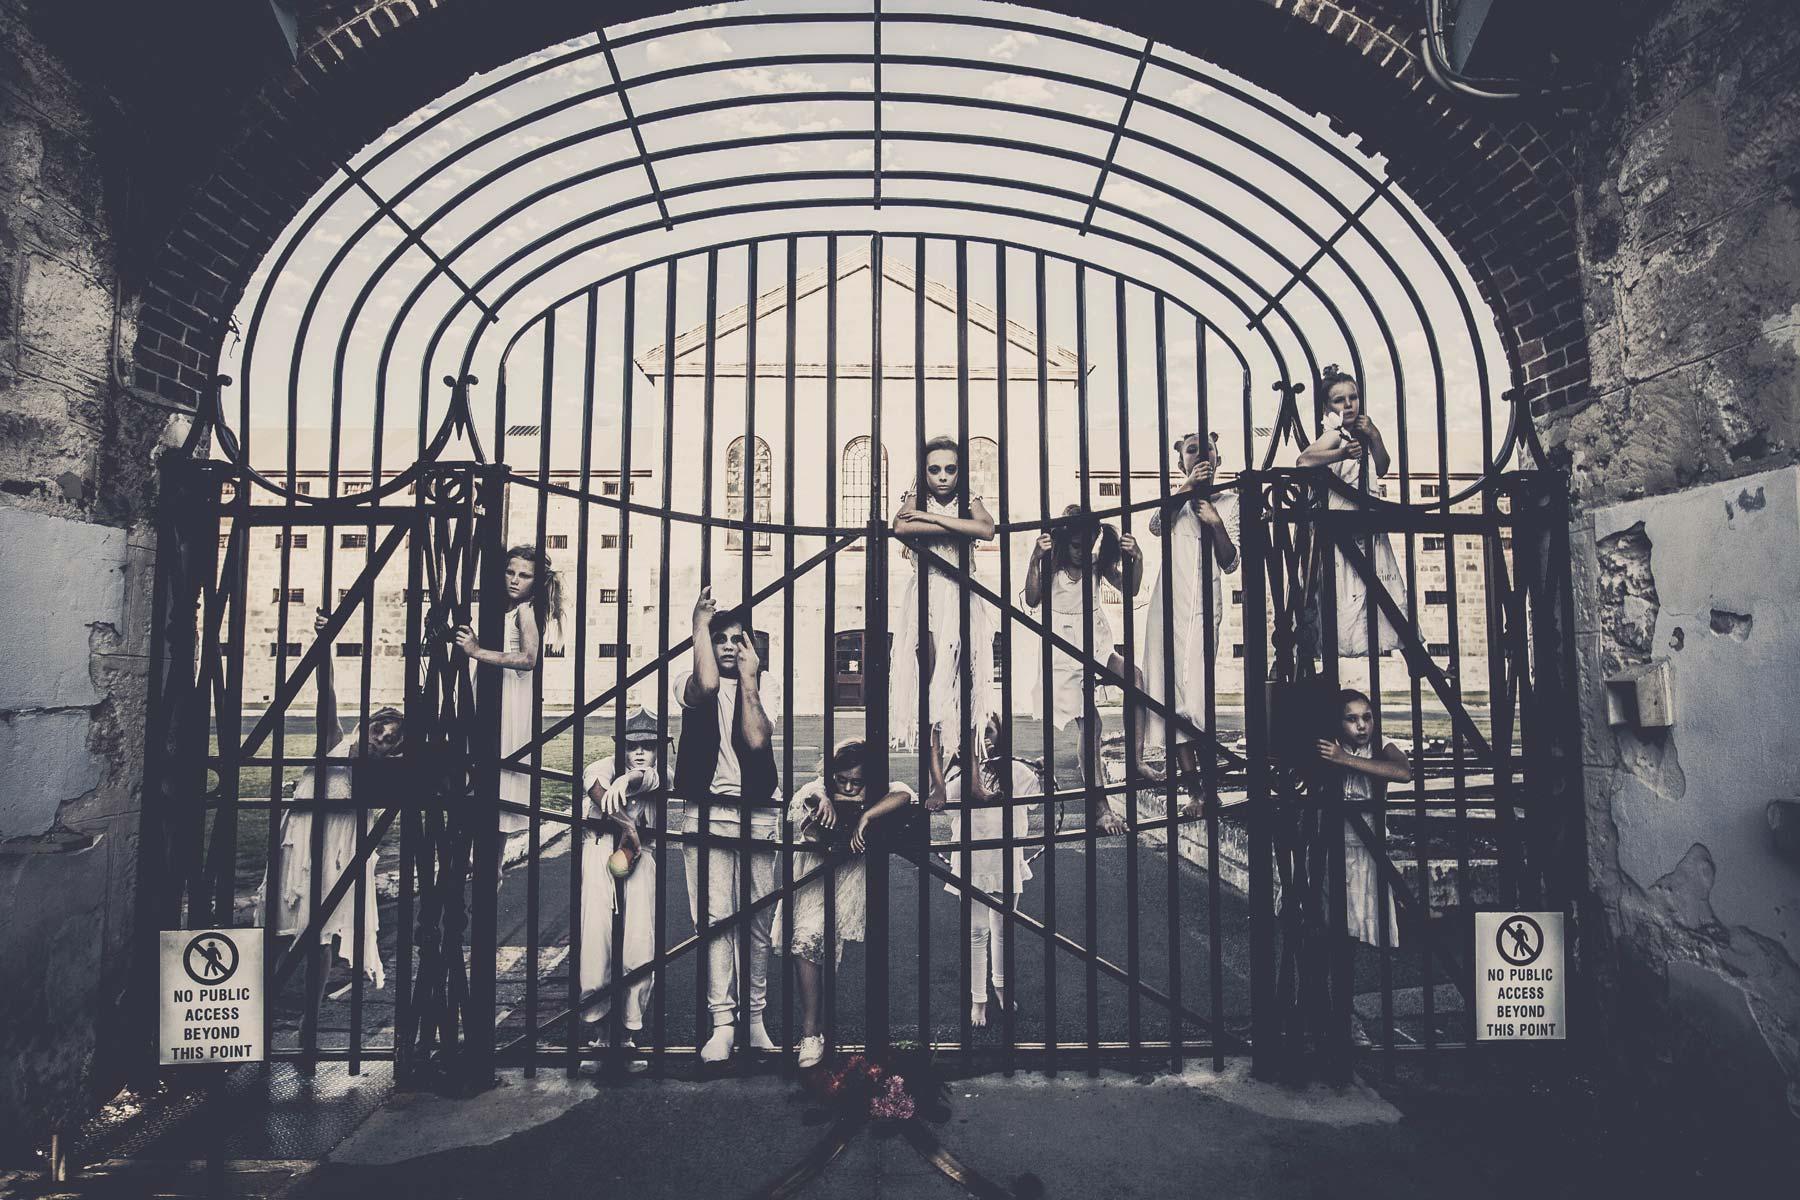 Kelete-kids-prison-3-web